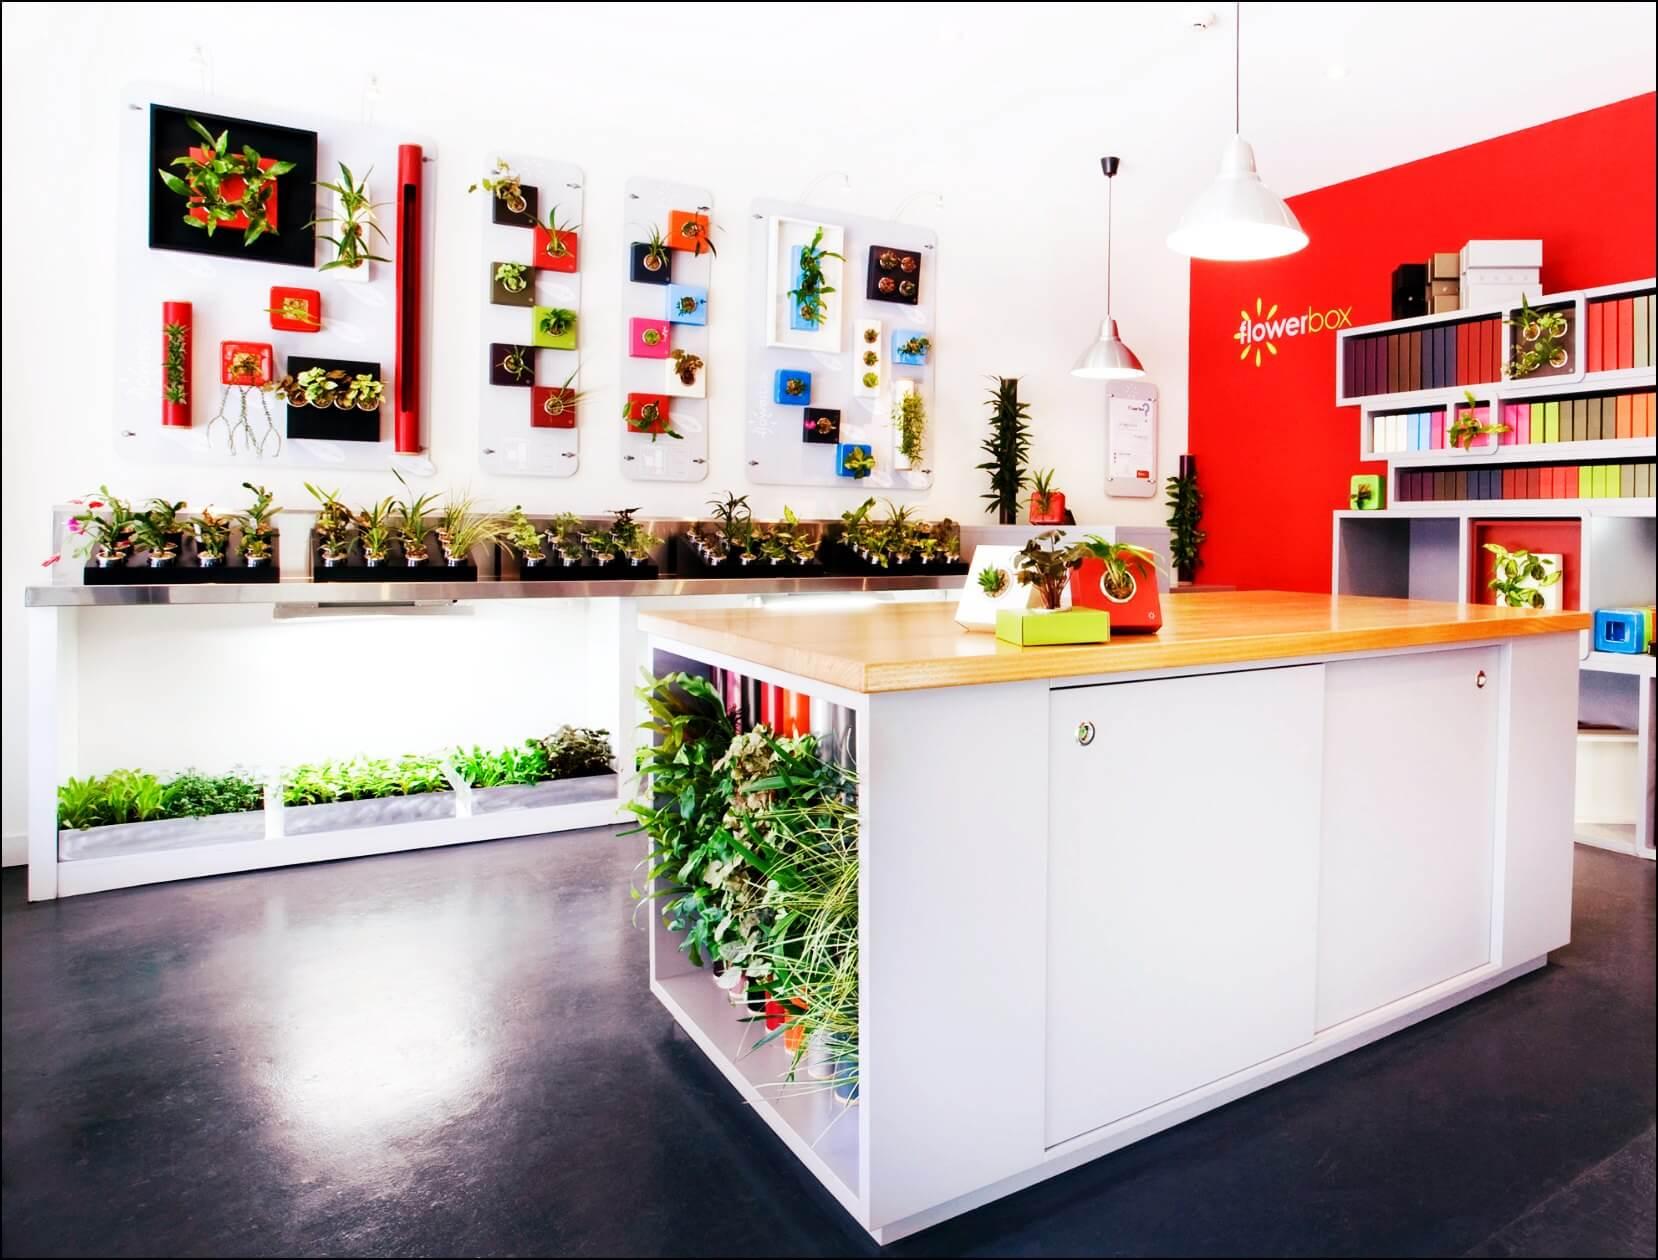 FlowerBox Gallery, Madrid